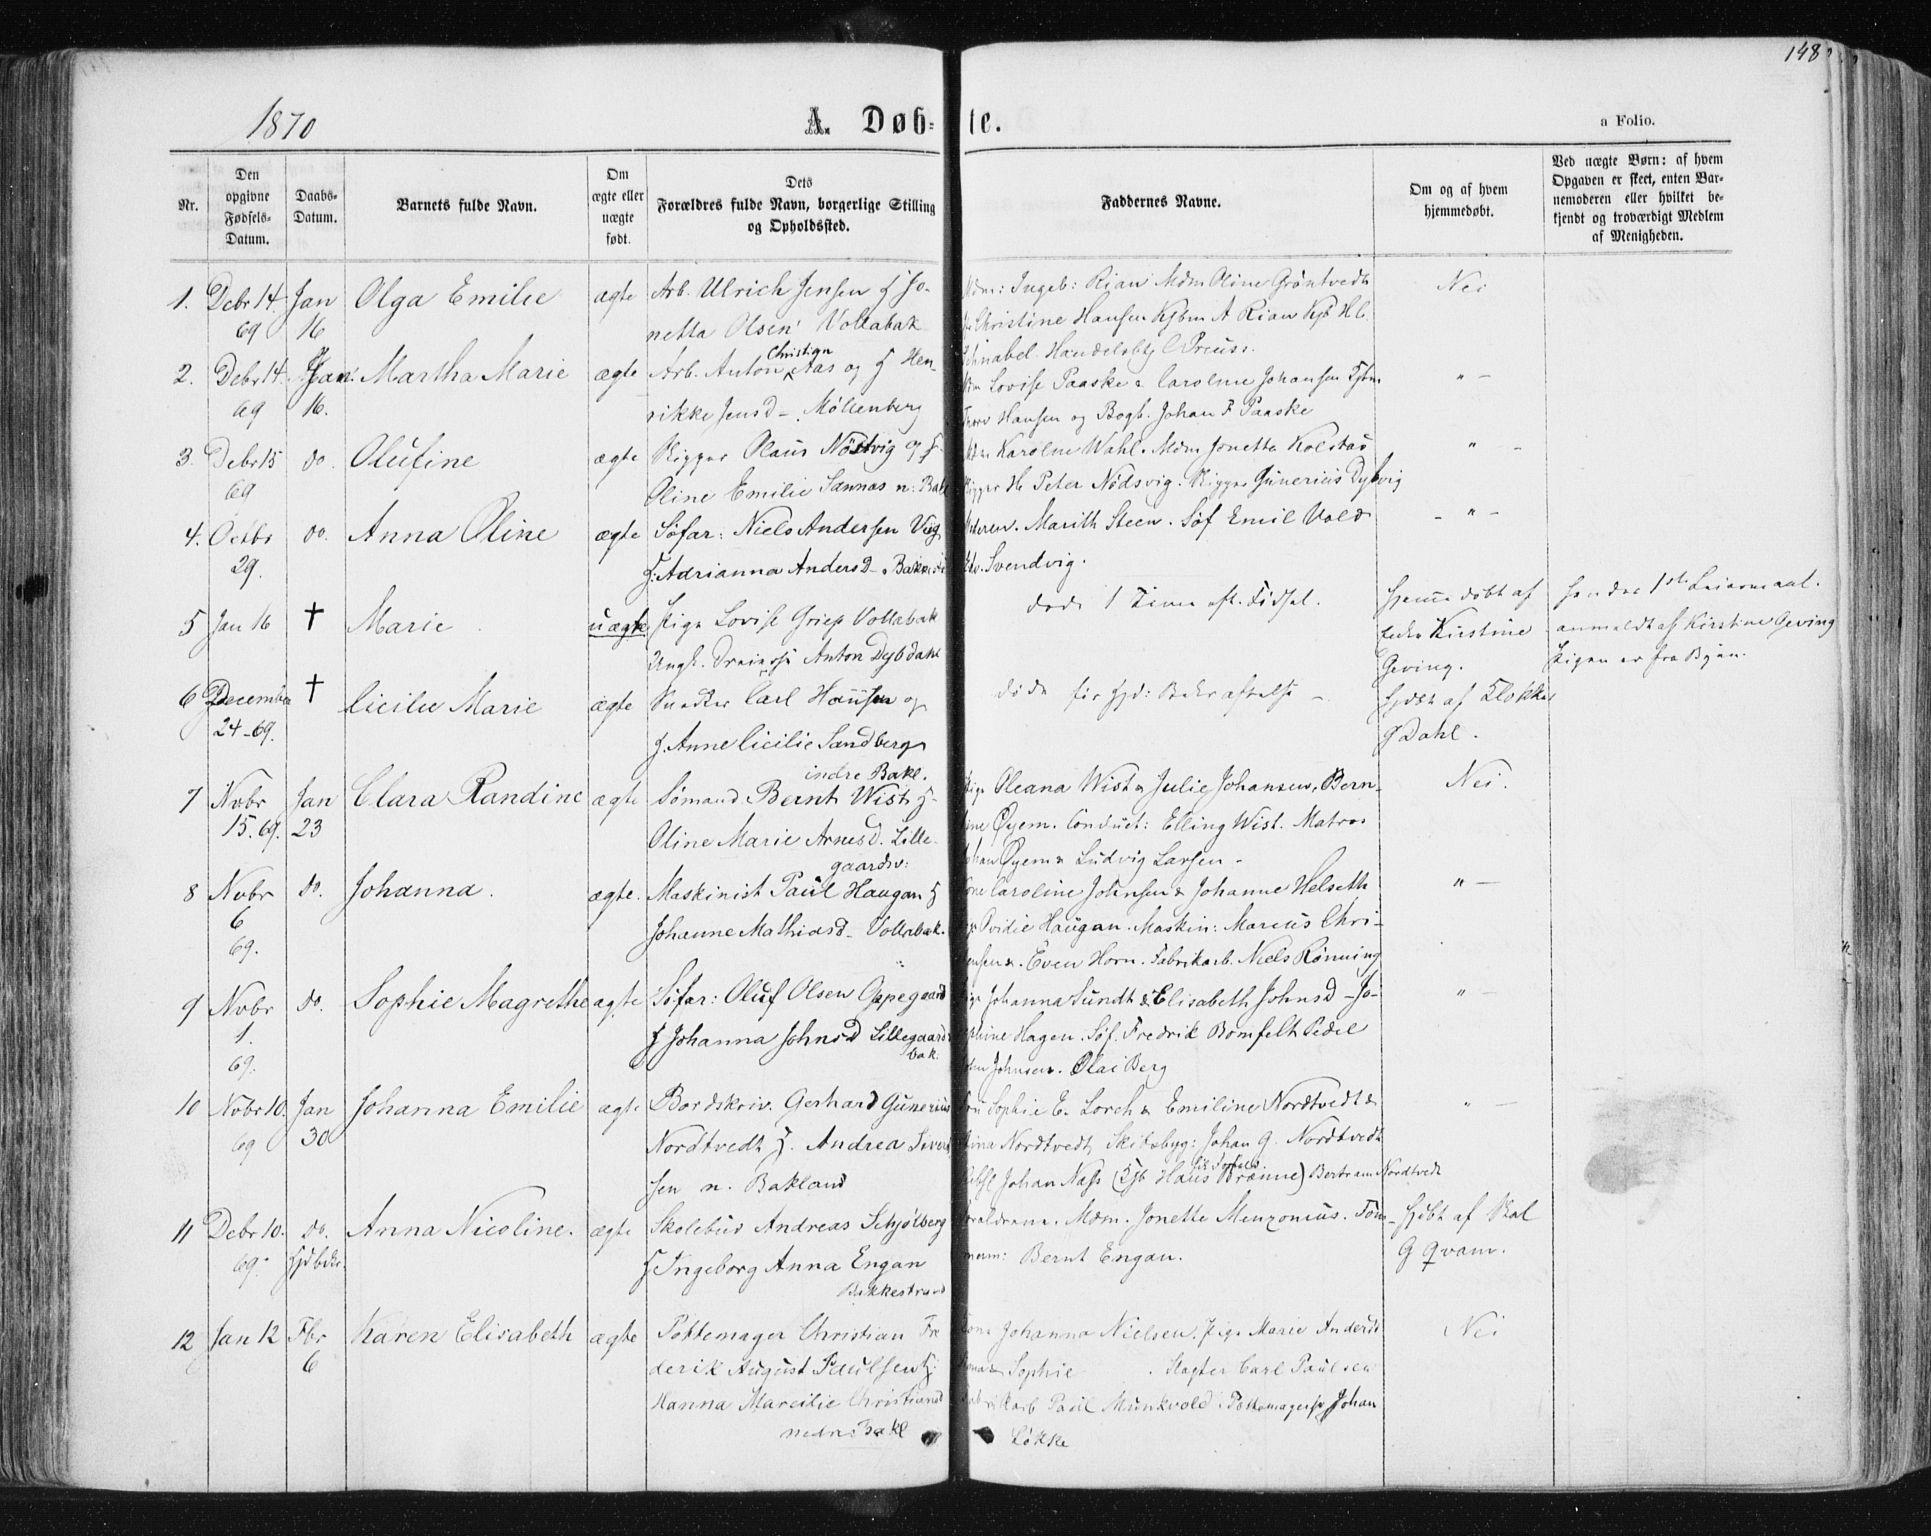 SAT, Ministerialprotokoller, klokkerbøker og fødselsregistre - Sør-Trøndelag, 604/L0186: Ministerialbok nr. 604A07, 1866-1877, s. 148